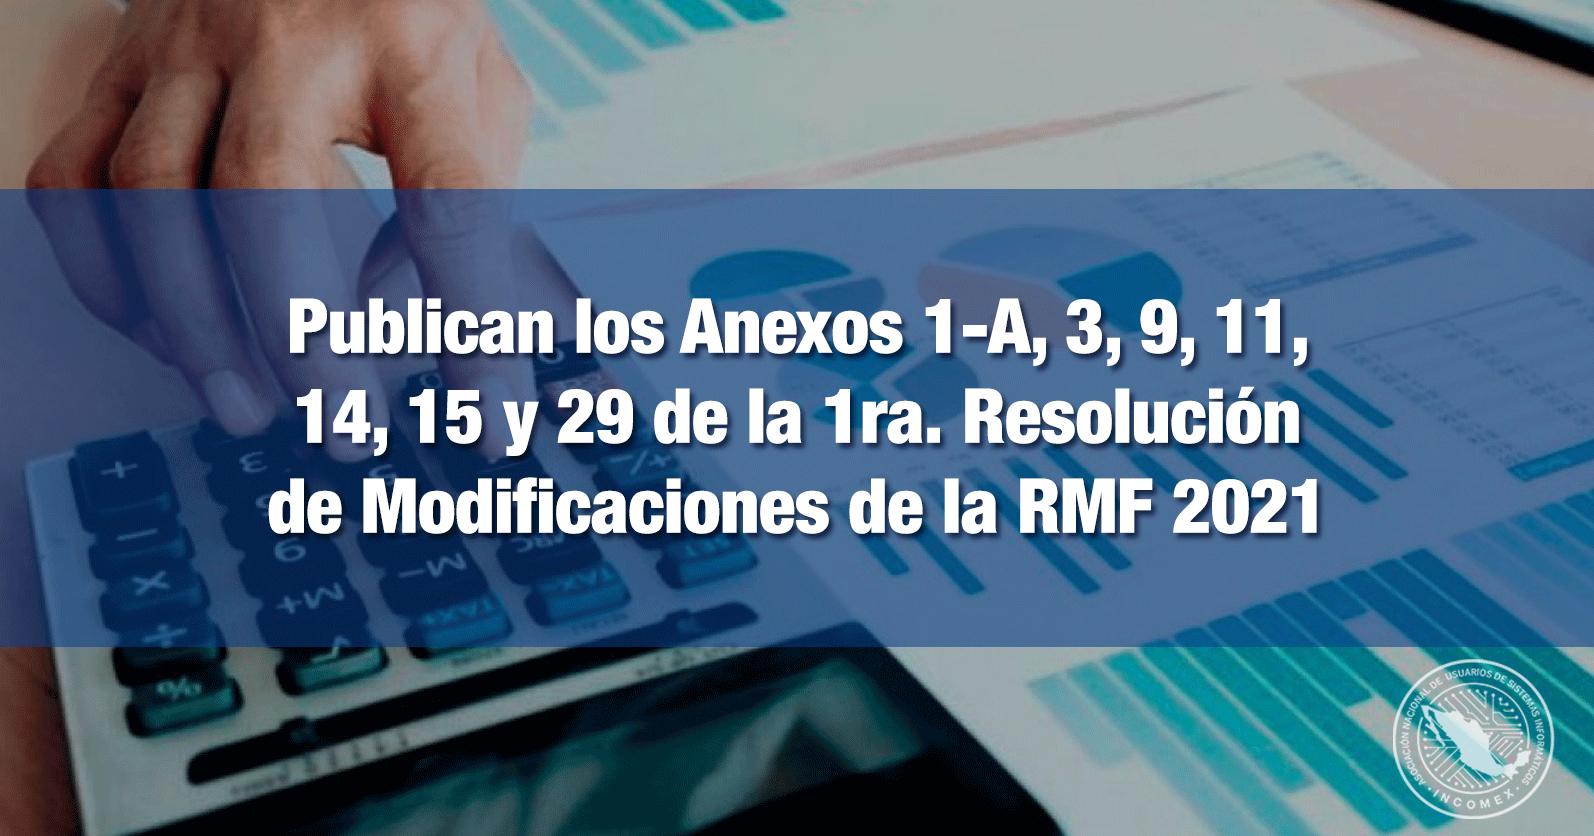 Publican los Anexos 1-A, 3, 9, 11, 14, 15 y 29 de la 1ra. Resolución de Modificaciones de la RMF 2021